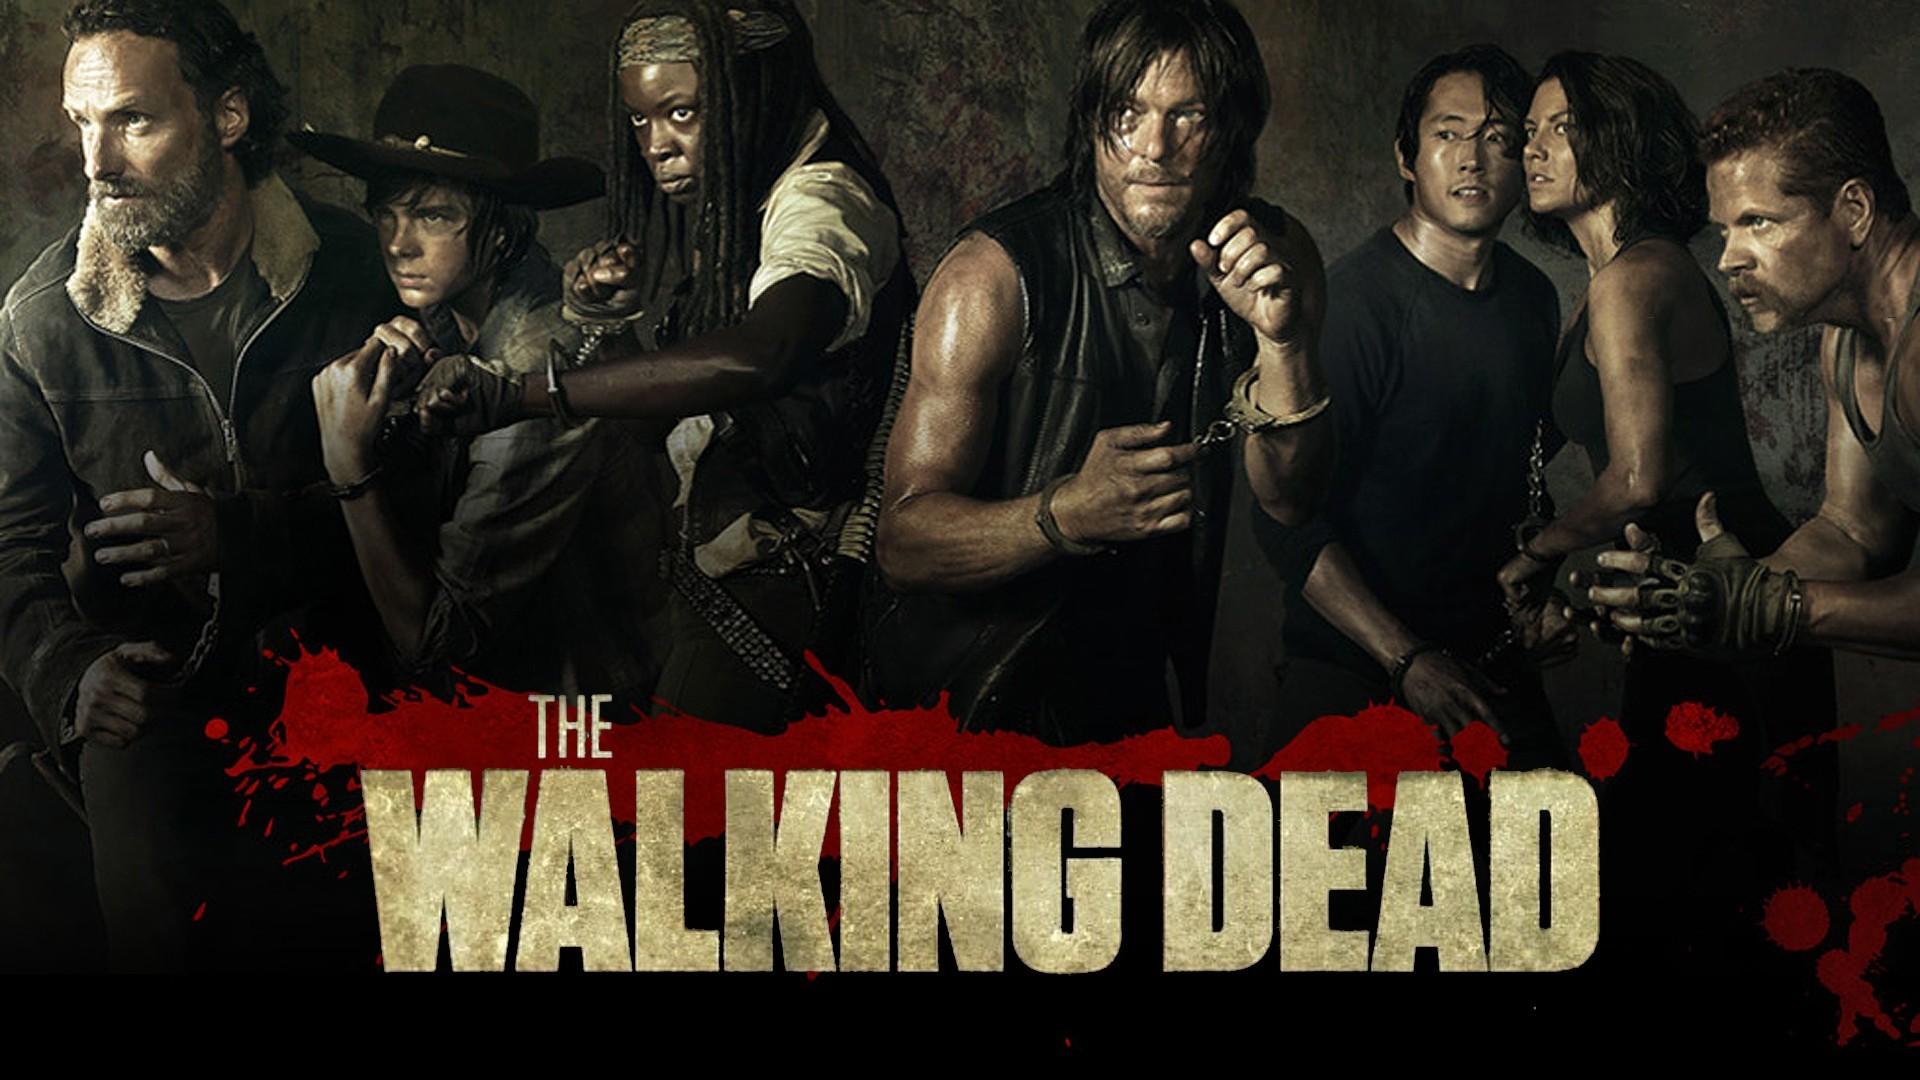 21 HD The Walking Dead Desktop Wallpapers For Free Download